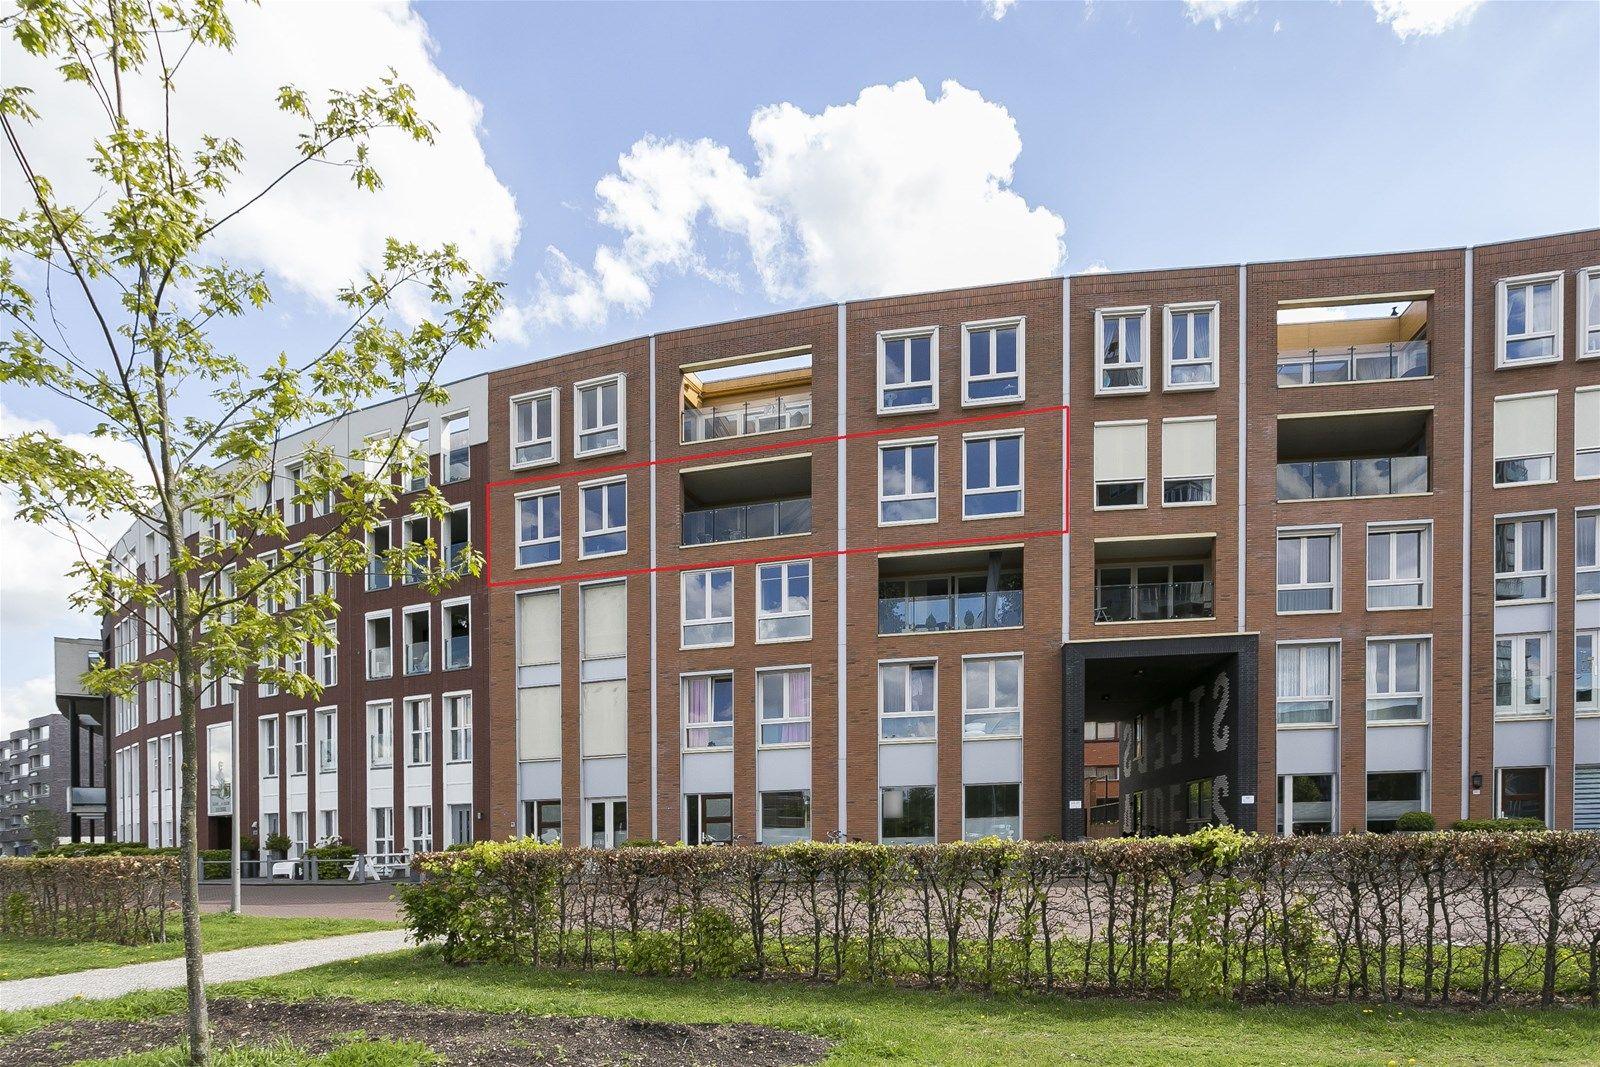 Baron Sloetkade 255, Apeldoorn